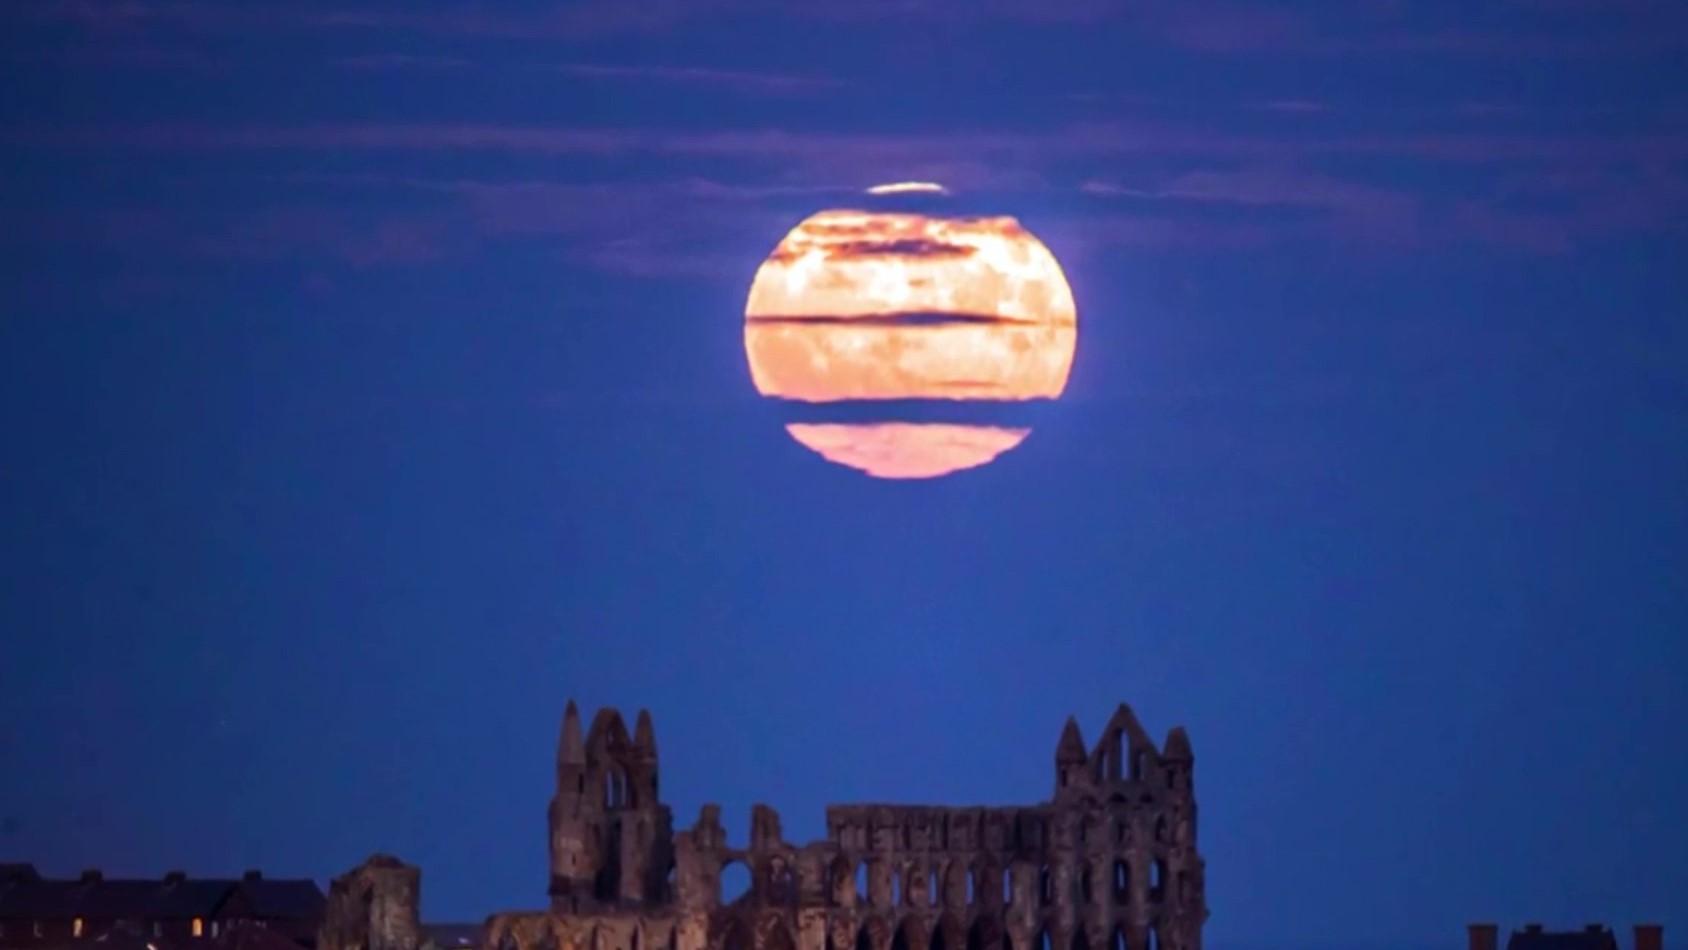 Superhëna shfaqet natën e 1 janarit